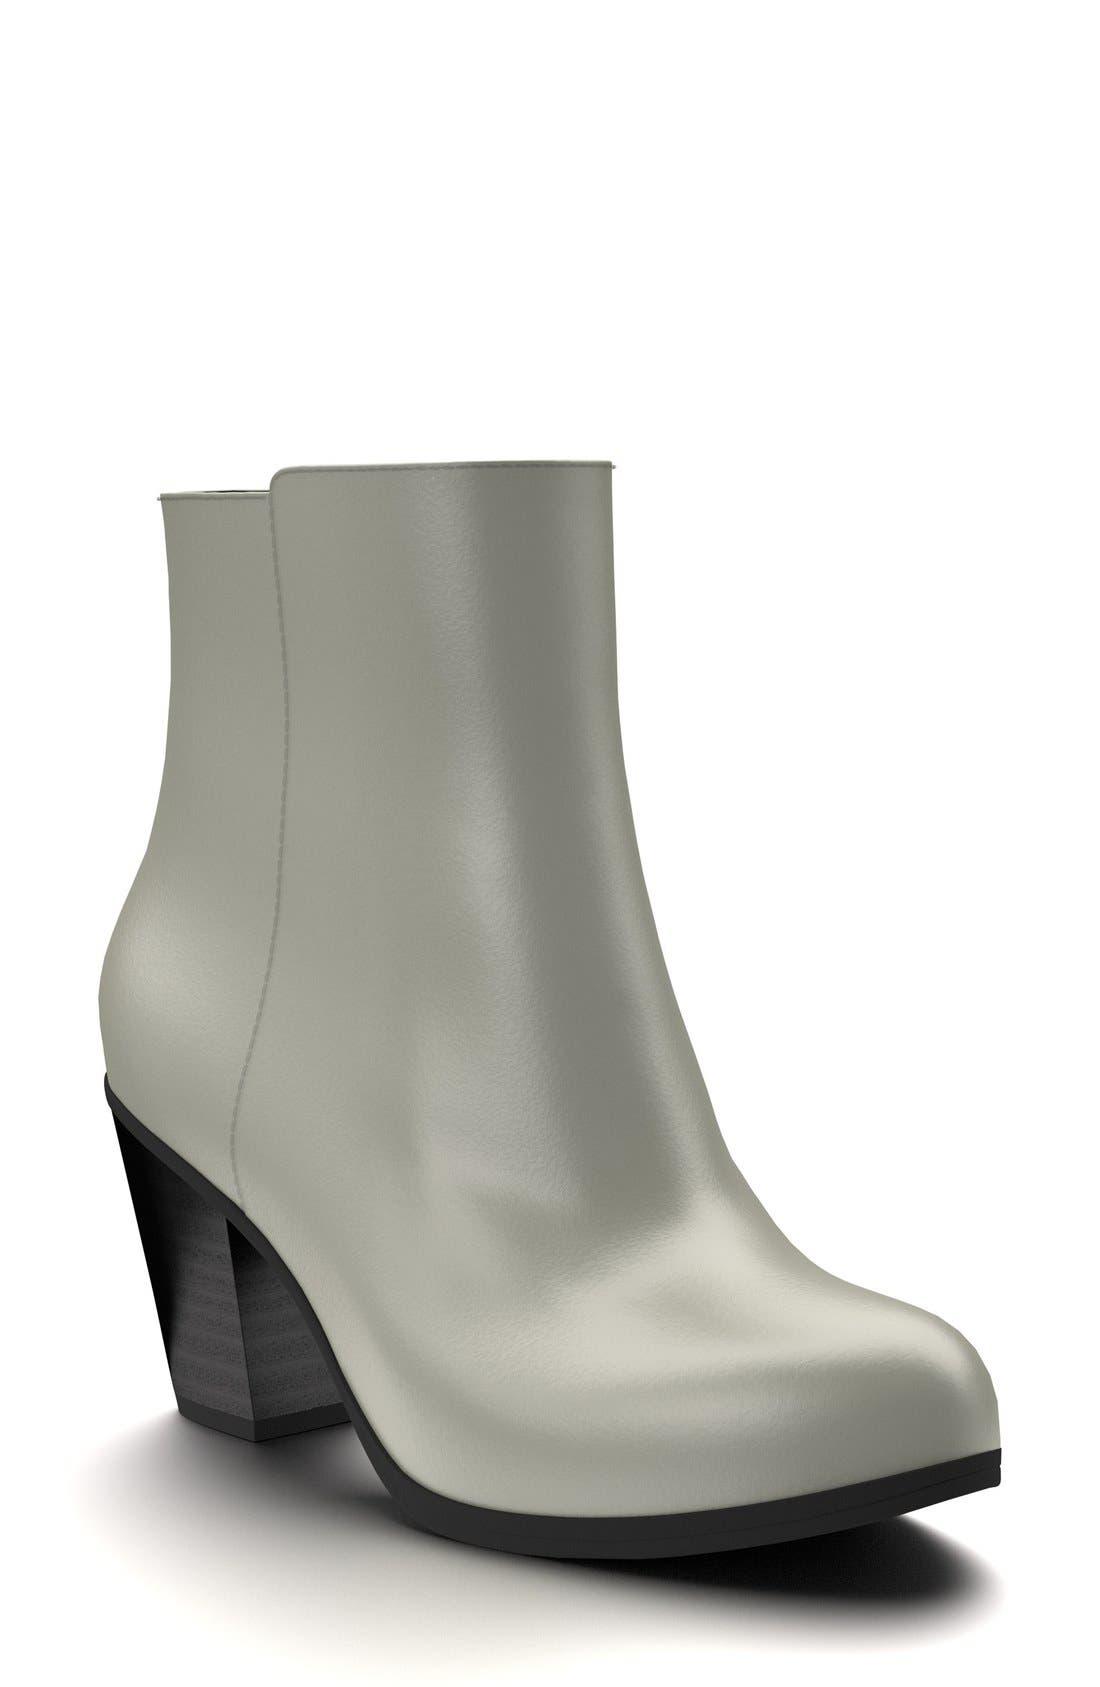 Alternate Image 1 Selected - Shoes of Prey Block Heel Bootie (Women)